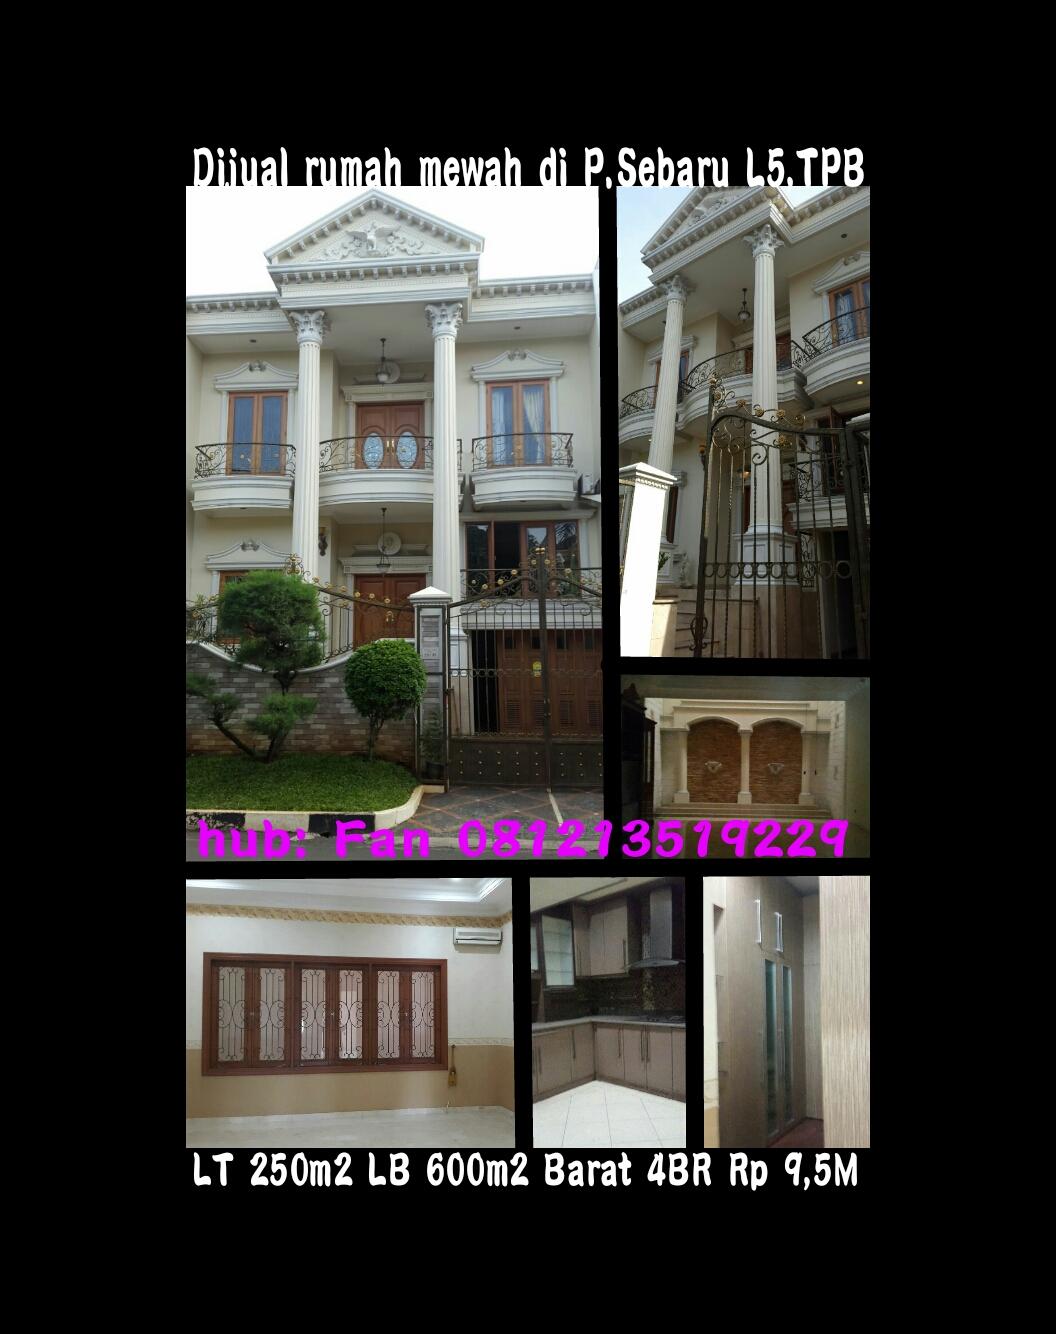 Rumah Mewah P Sebaru TPB Jakbar